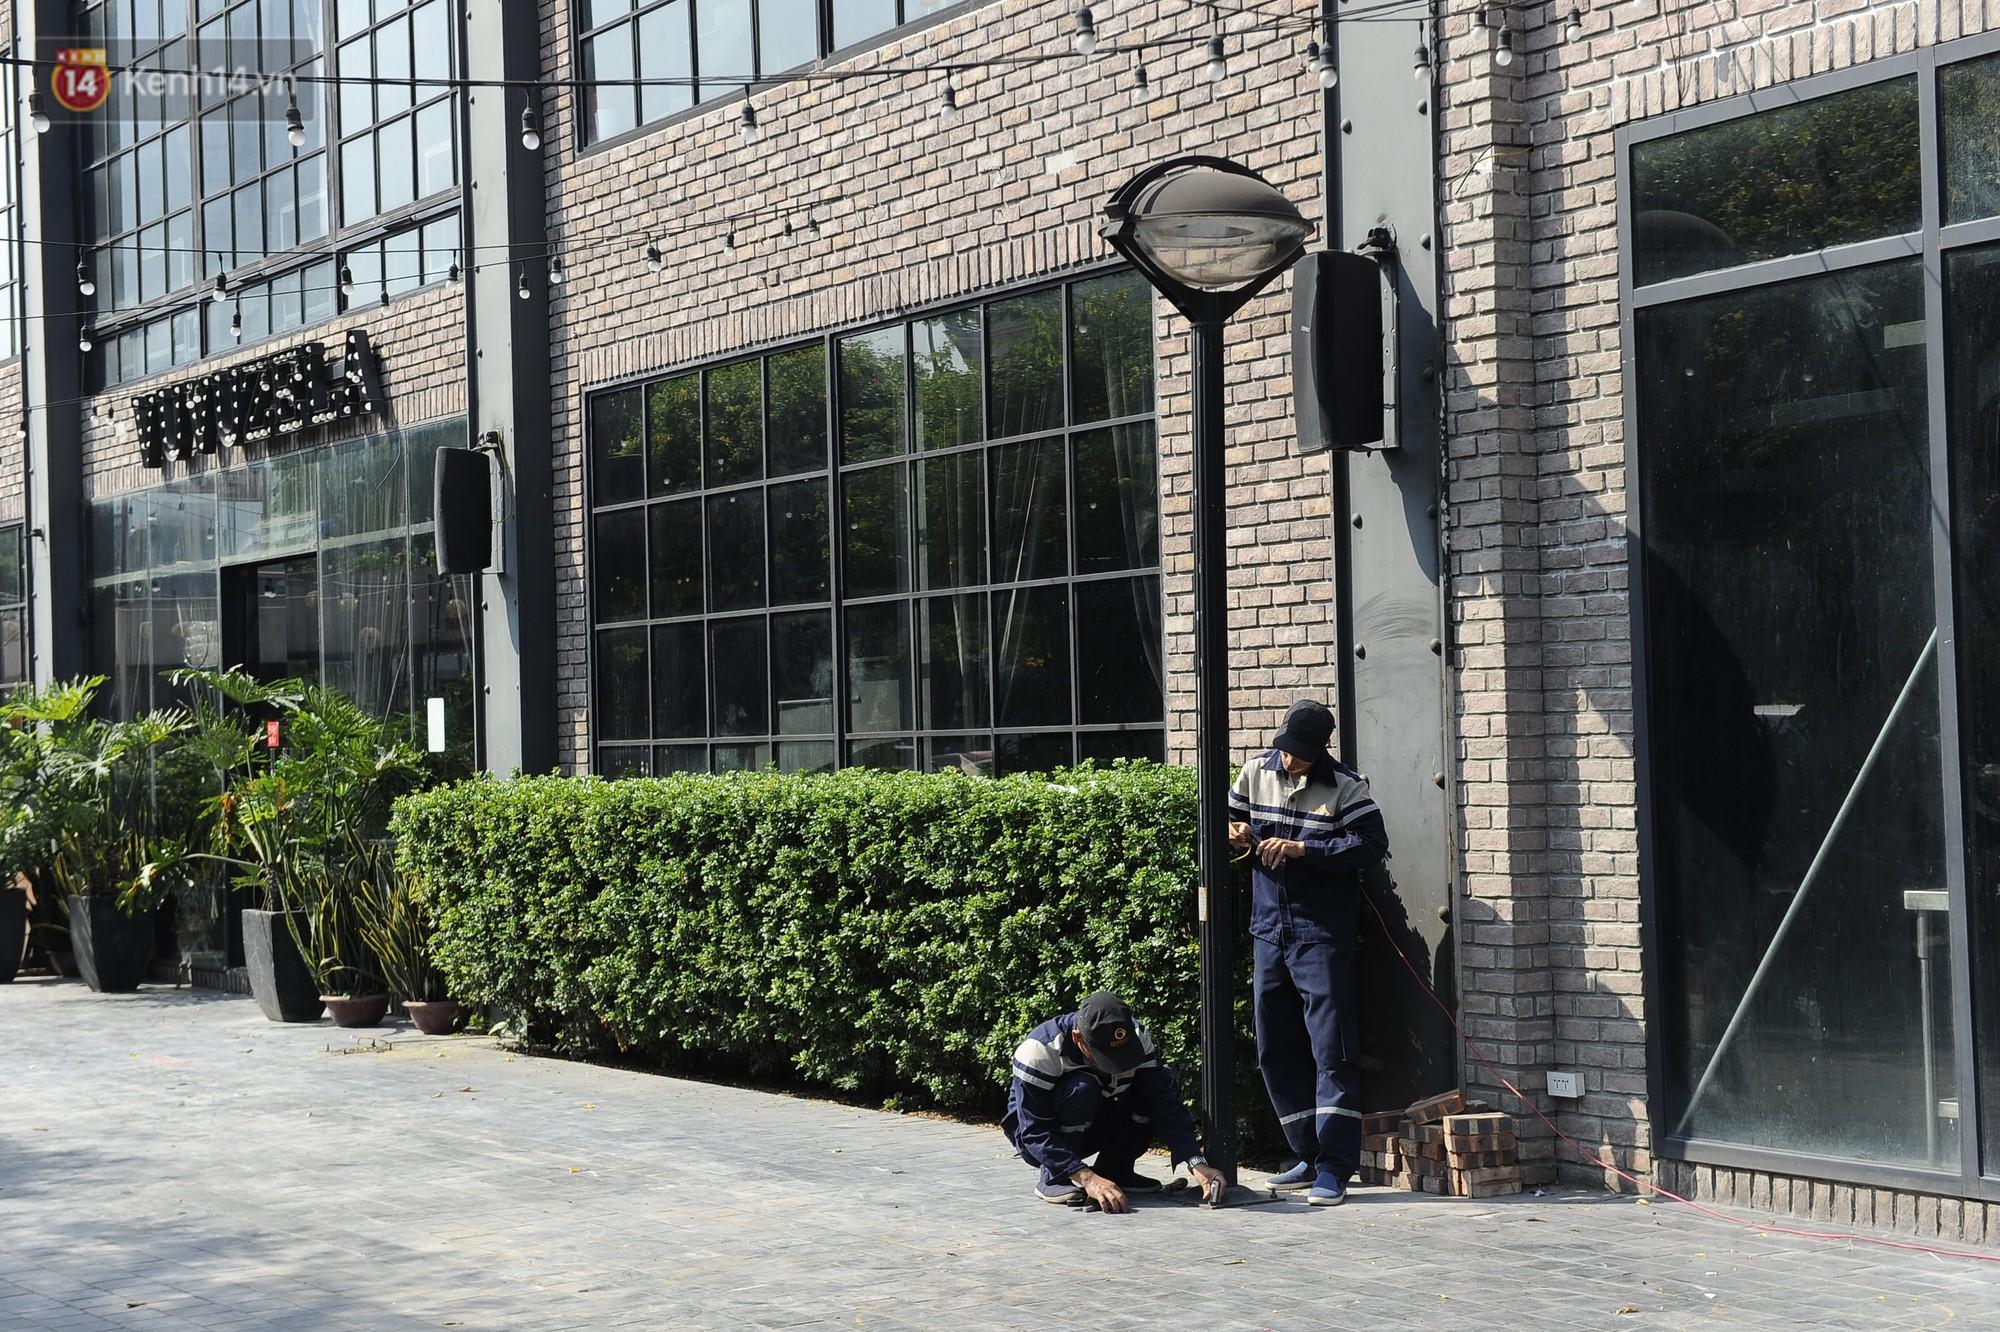 Hà Nội bắt đầu cưỡng chế 42 cơ sở kinh doanh vi phạm trật tự đô thị trên đất vàng Nguyễn Khánh Toàn - Ảnh 4.